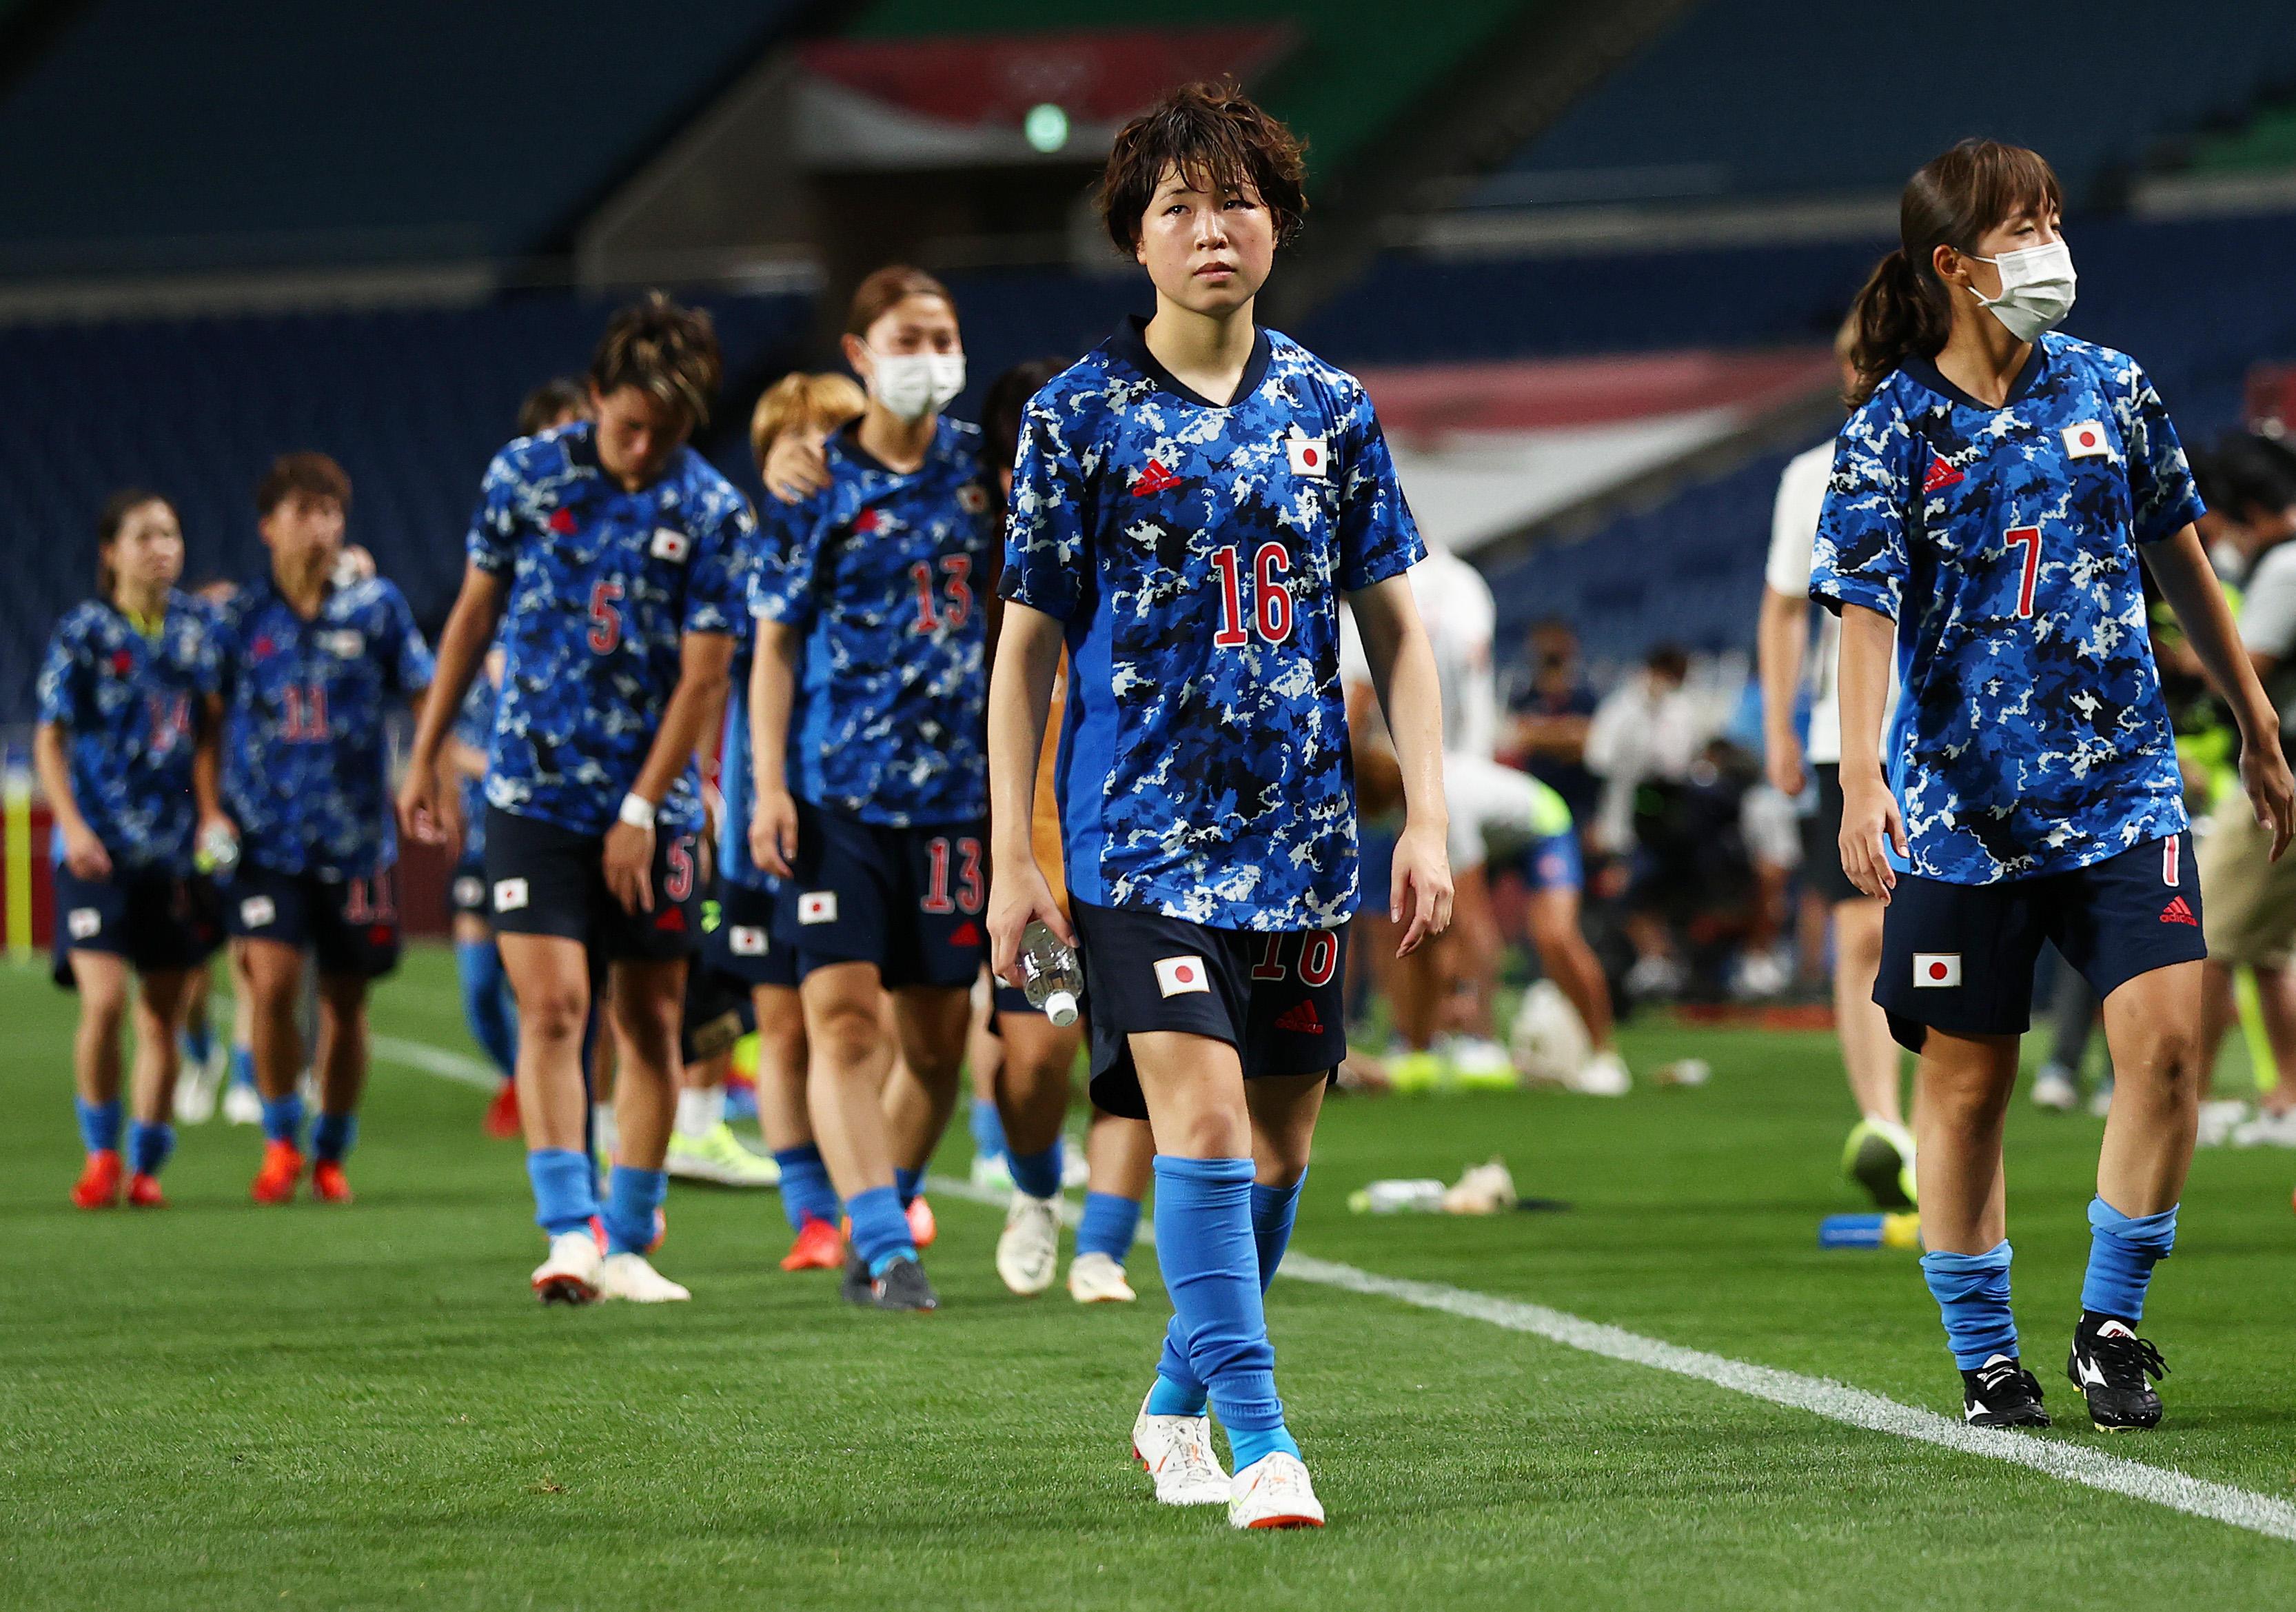 世界の女子サッカーは進化 日本は世界トップに返り咲けるのか【五輪女子サッカー】